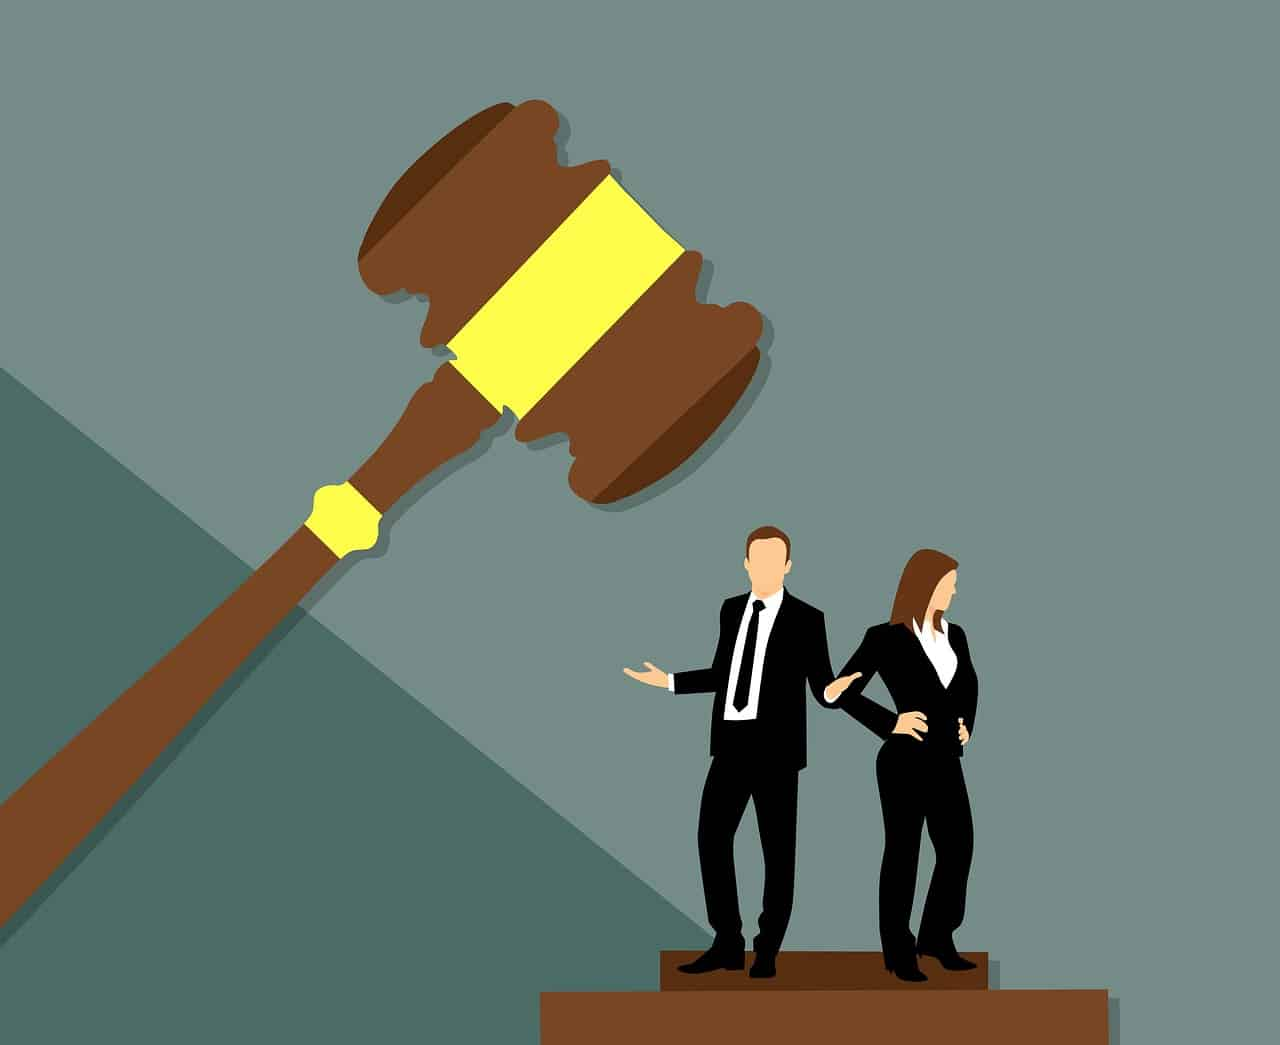 האם ניתן לתבוע גירושין עקב בגידה